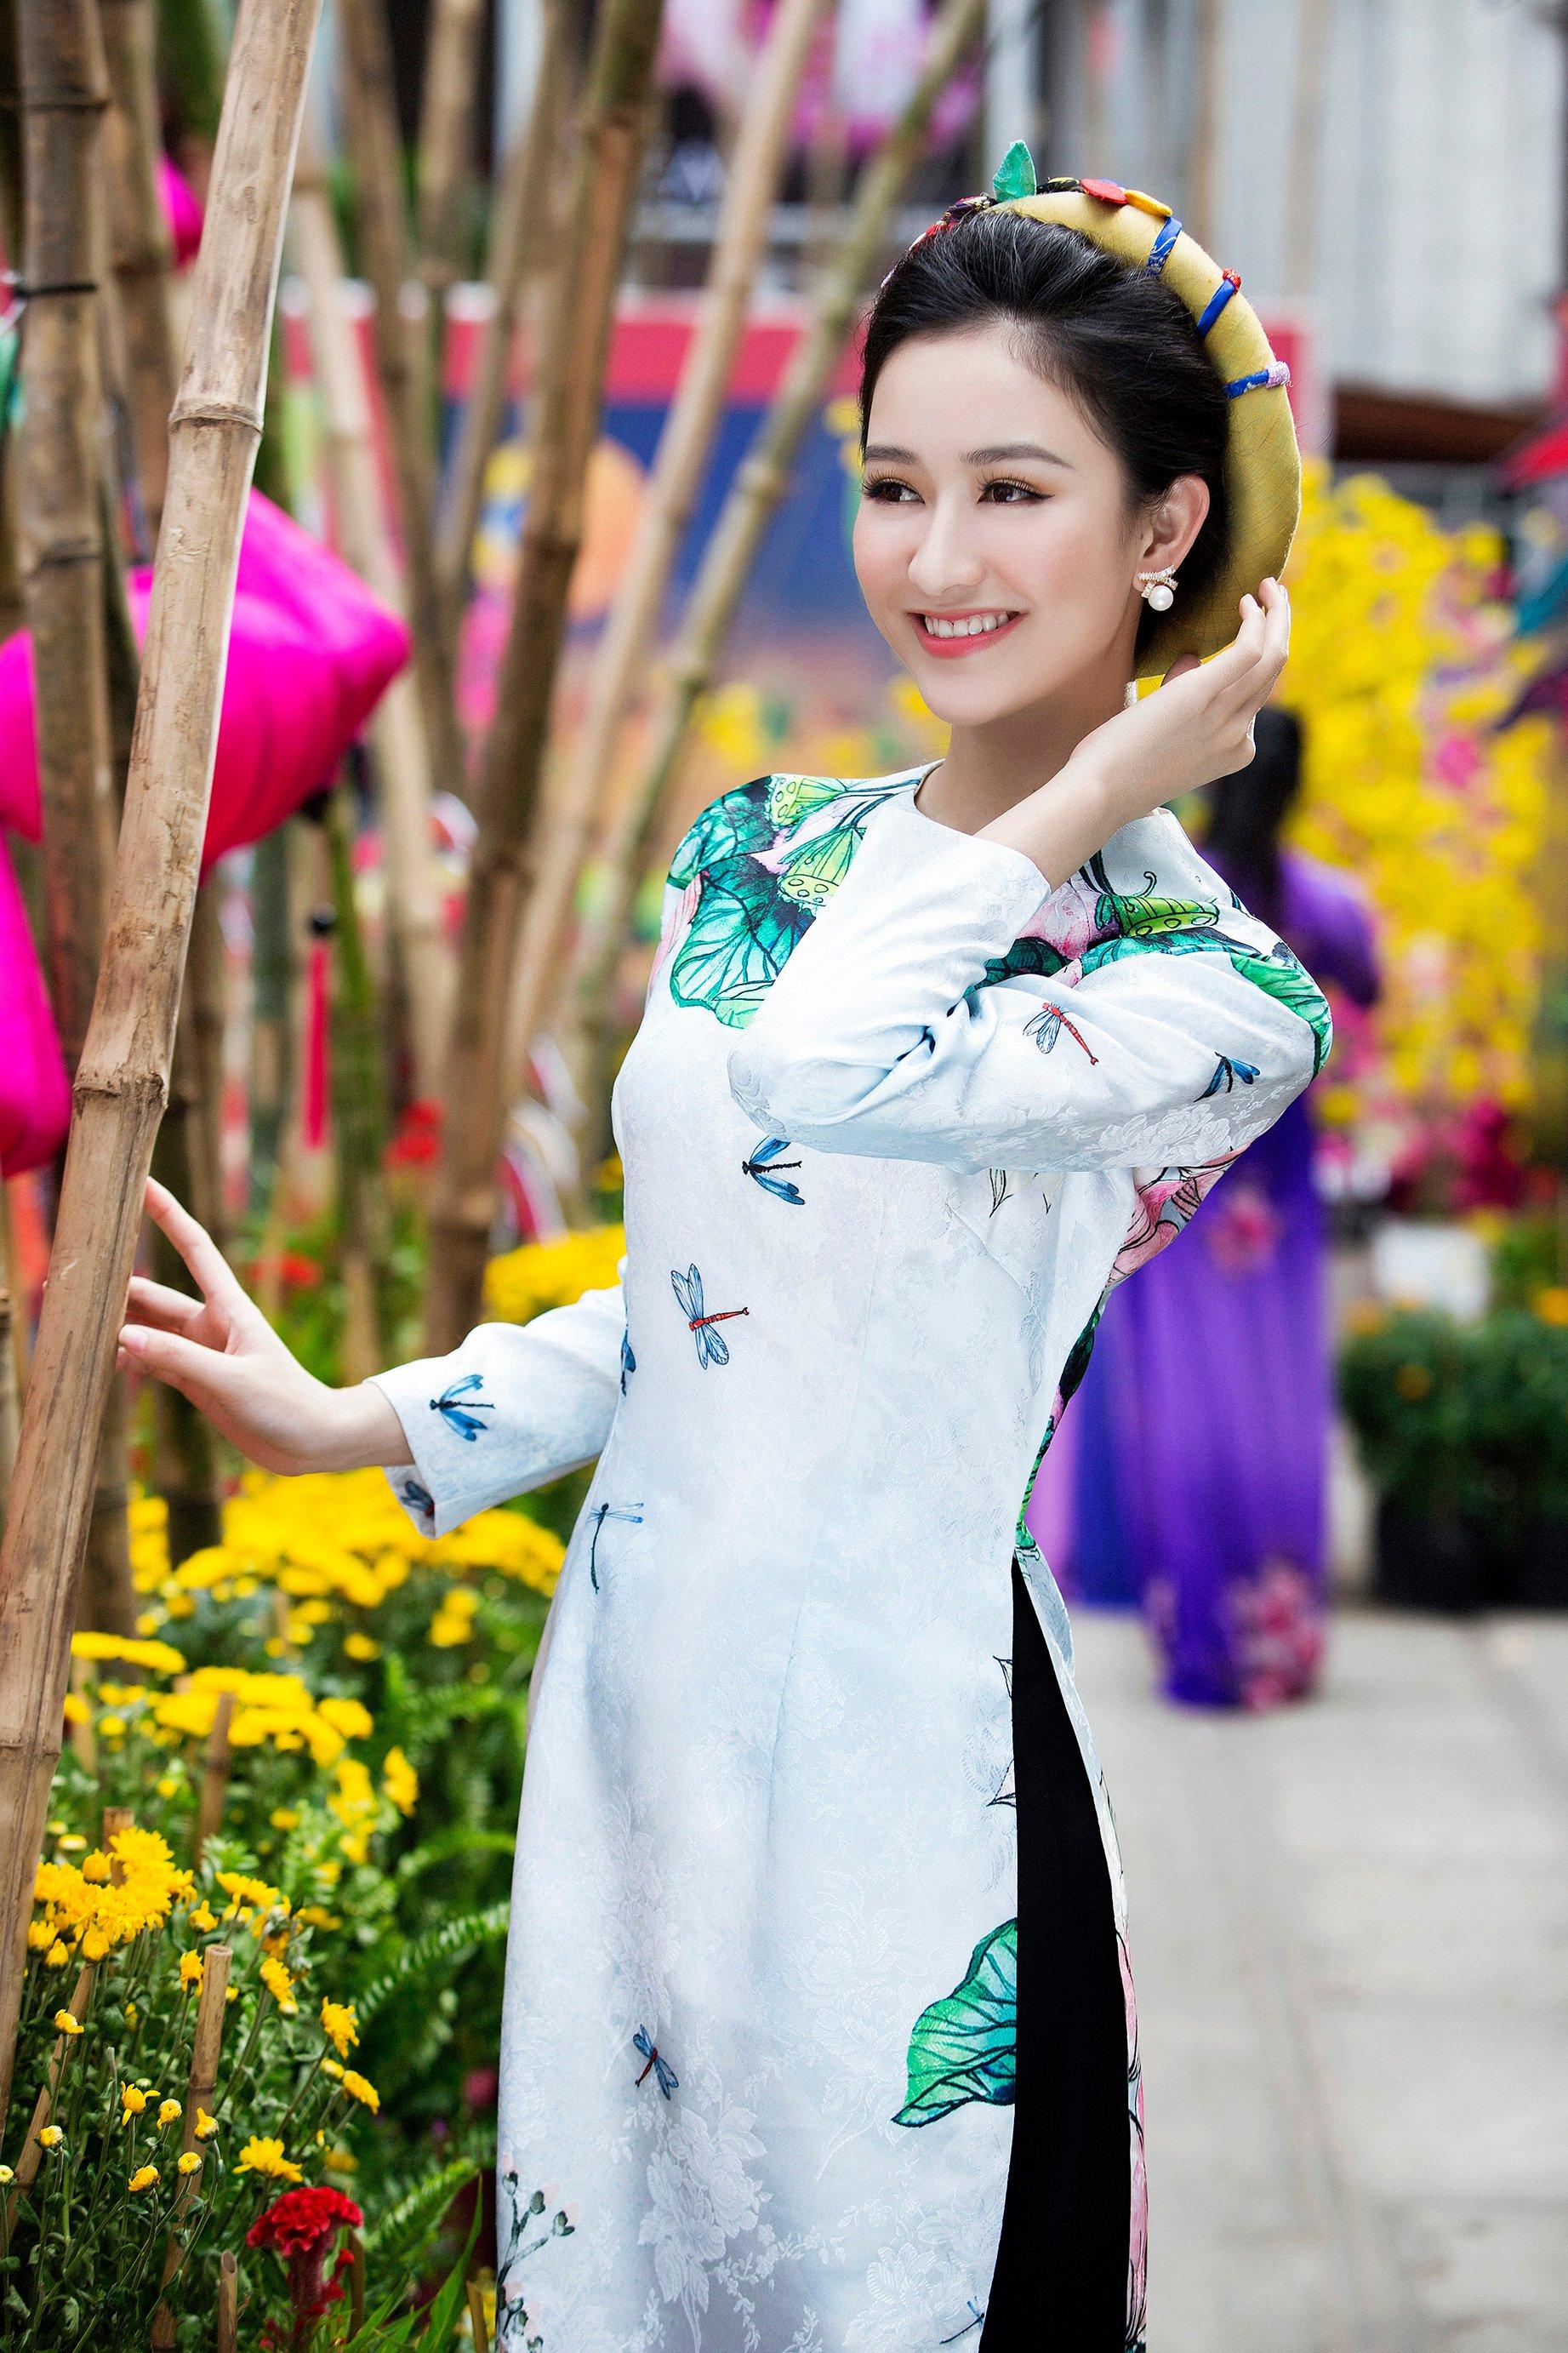 Á hậu Hà Thu mặc áo dài truyền thống đi xin chữ đầu năm 4